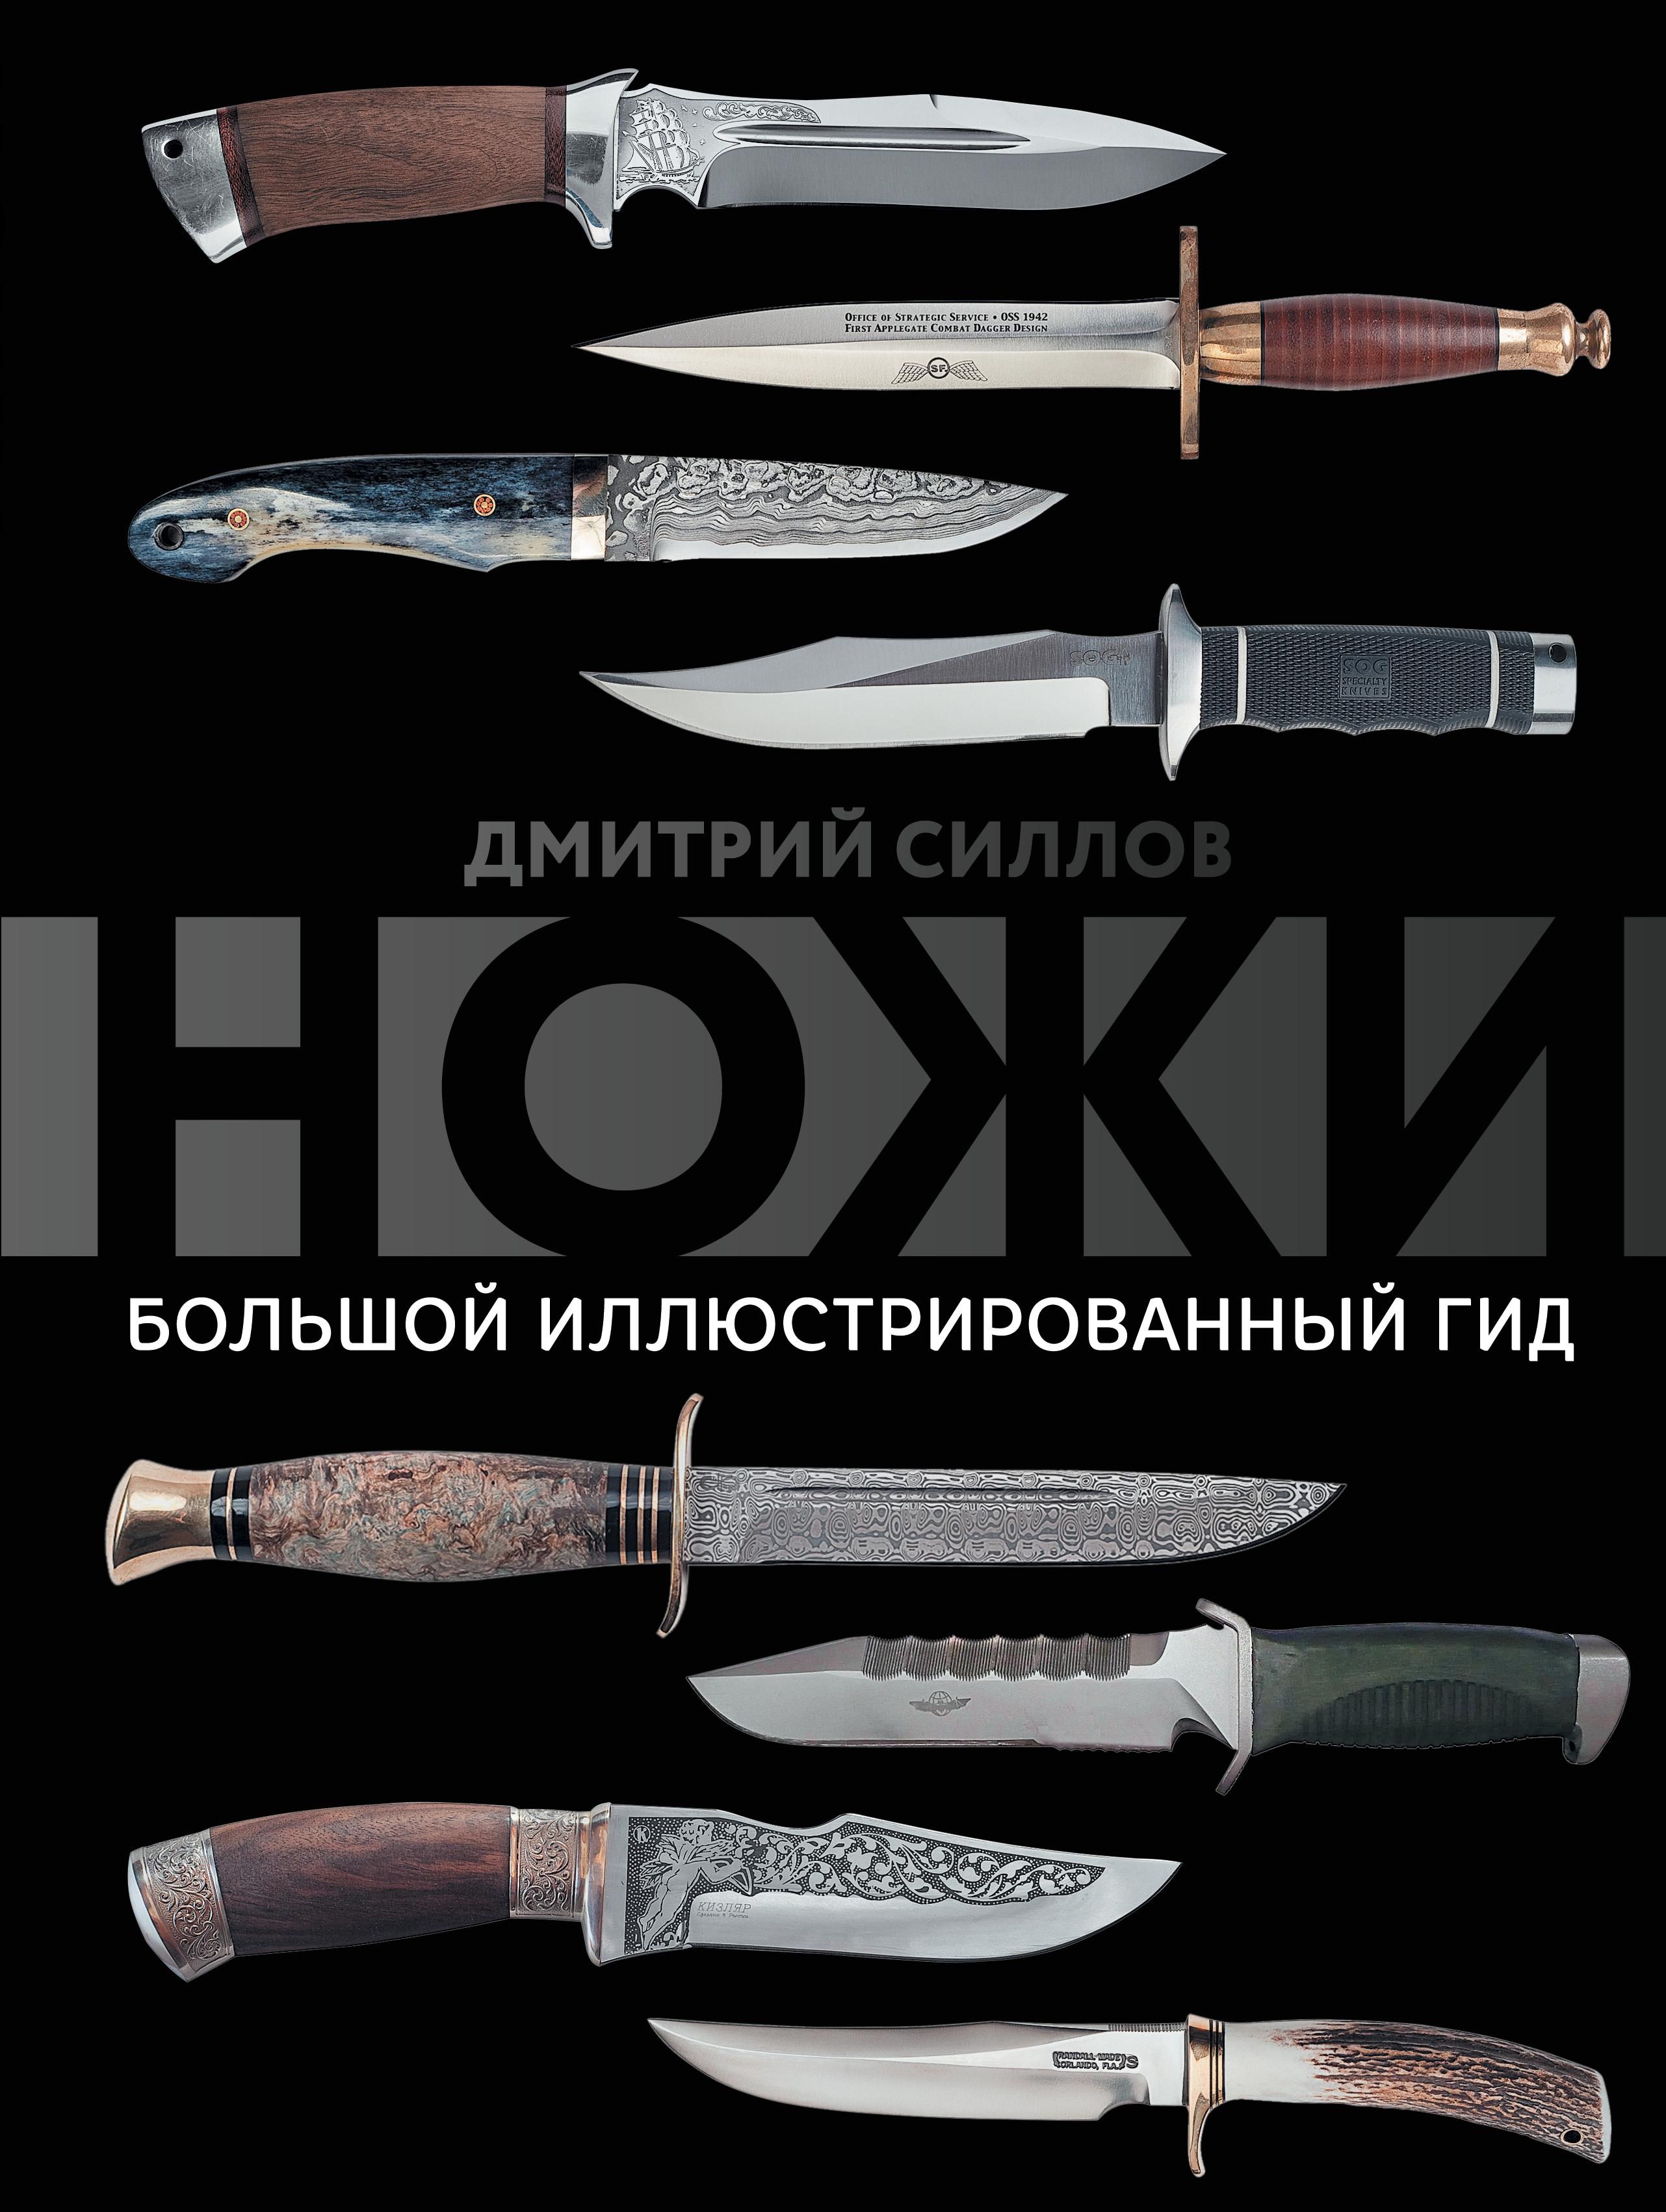 Ножи. Большой иллюстрированный гид | Силлов Дмитрий Олегович